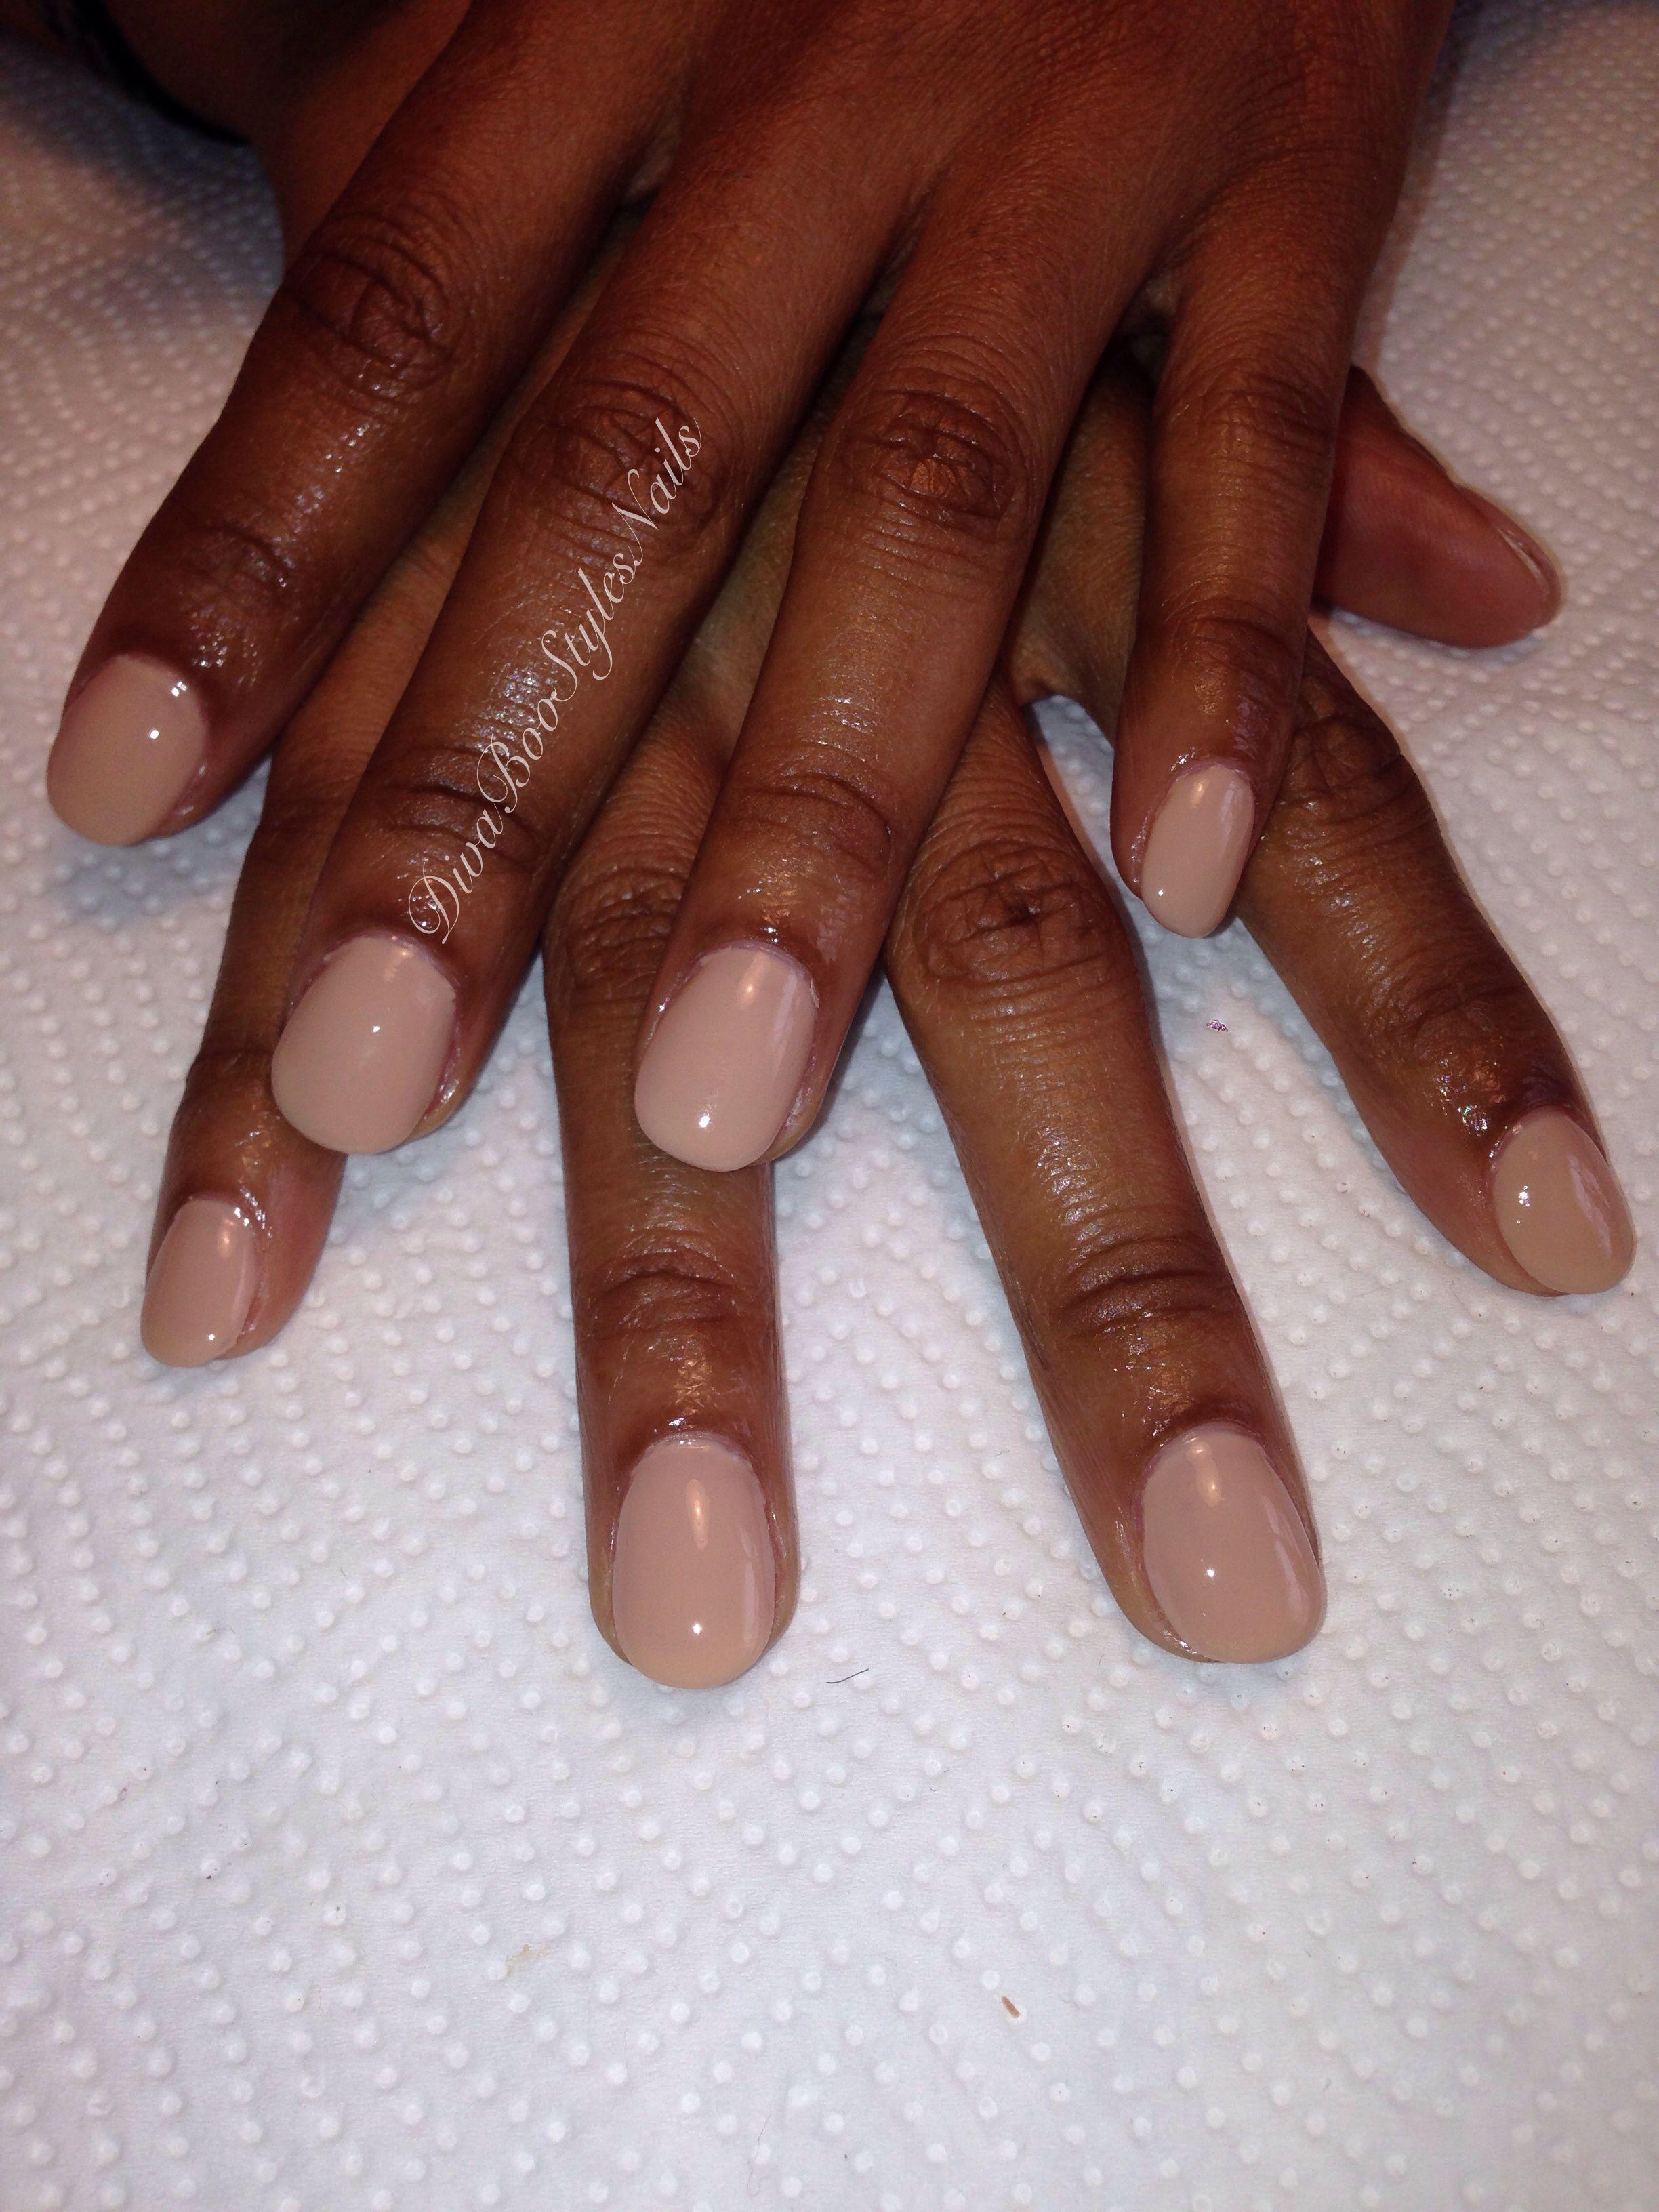 Pin By Divaboostyles Nails On Natural Nails Natural Nails Round Nails Gel Nail Colors